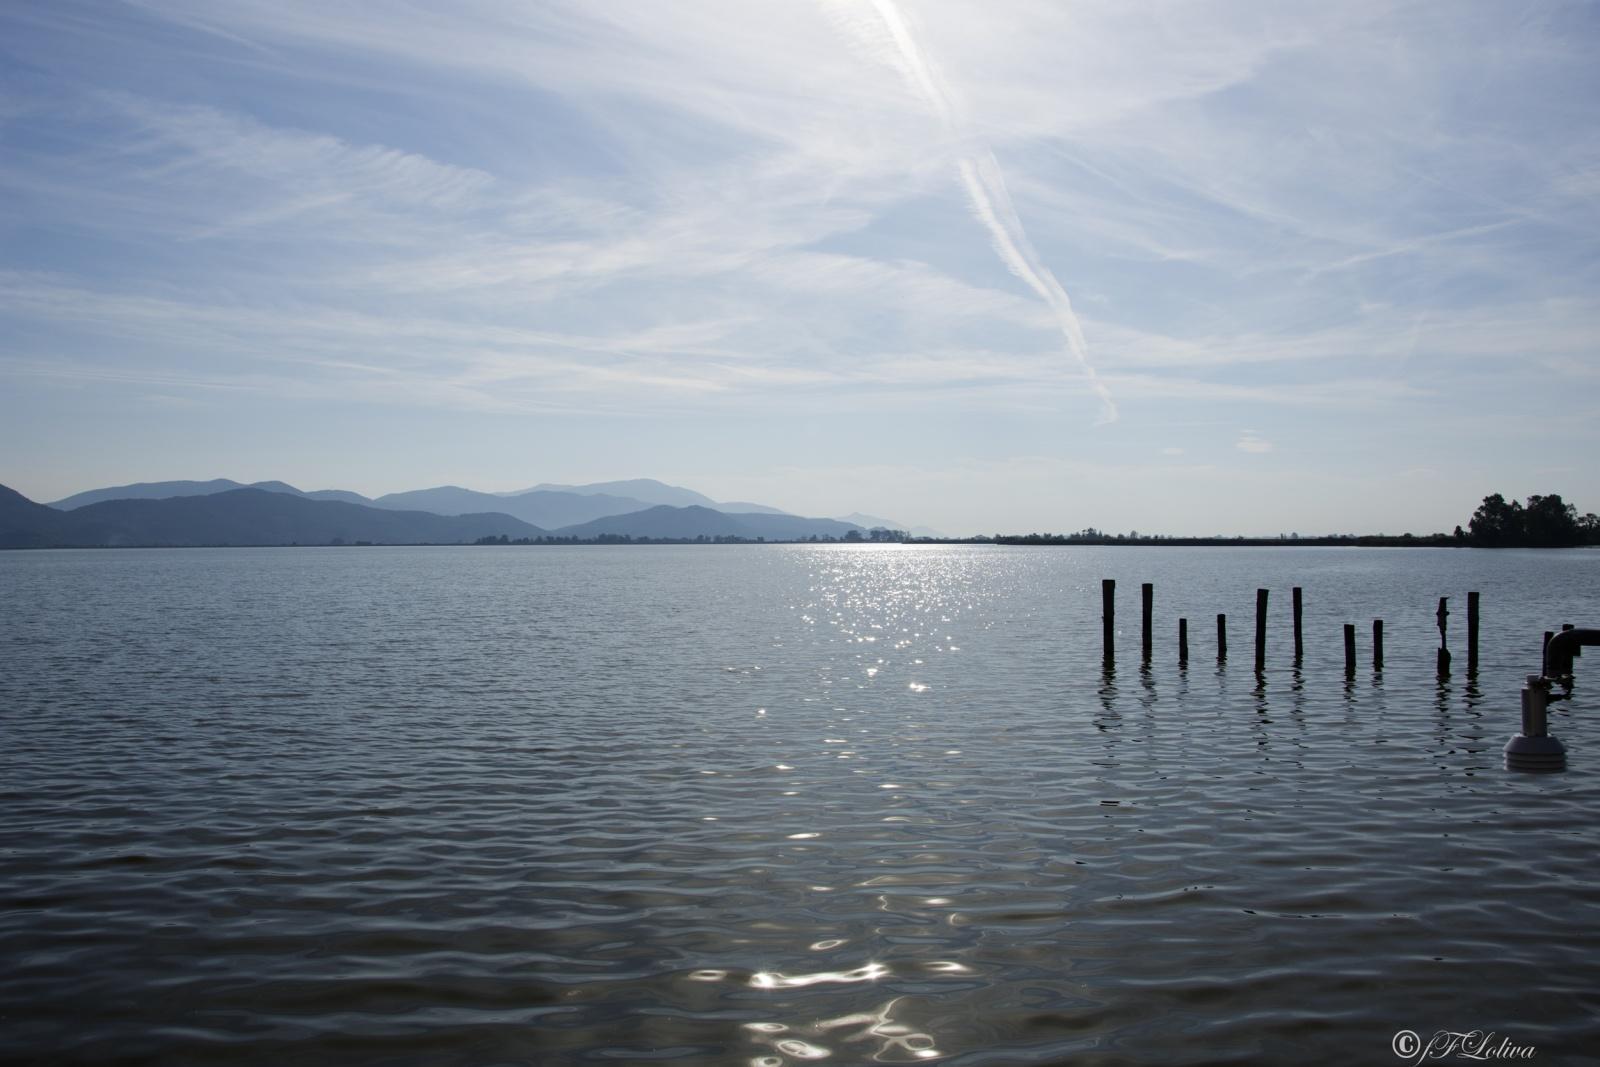 Il lago di Massaciuccoli (in provincia di Lucca, con il lembo meridionale appartenente alla provincia di Pisa, vicino all'omonima frazione di Massarosa in provincia di Lucca) è un lago costiero della Toscana.  Il lago e l'area palustre intorno fanno parte del Parco naturale di Migliarino, San Rossore, Massaciuccoli e di un'oasi LIPU, viste le numerose specie di uccelli presenti.